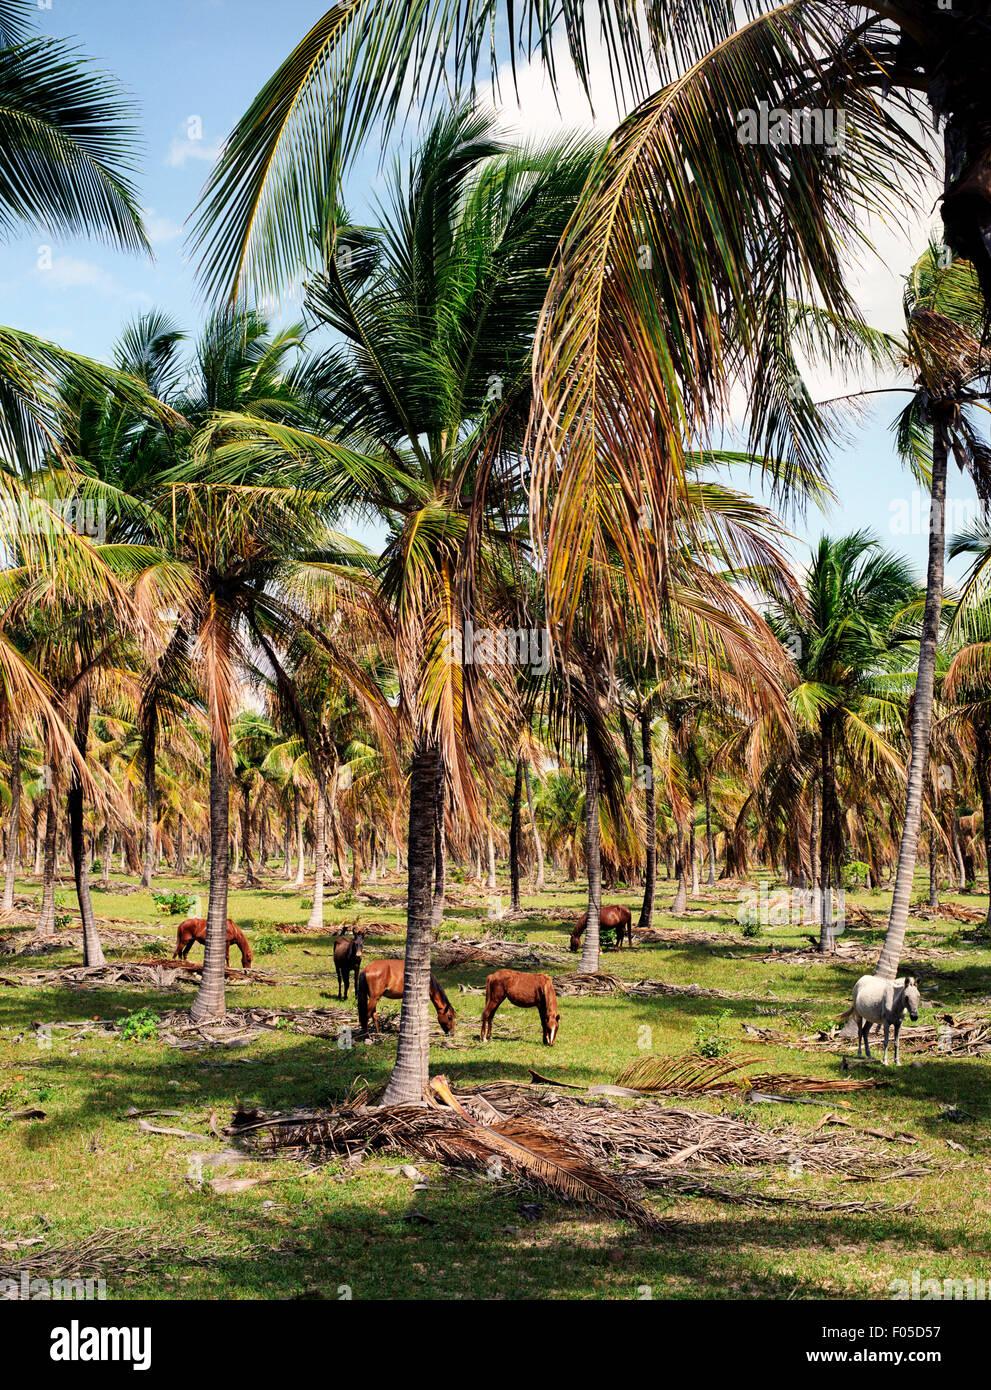 Les chevaux paissent dans un champ de palmiers, près de Jericoacara Brésil nord du Brésil Photo Stock